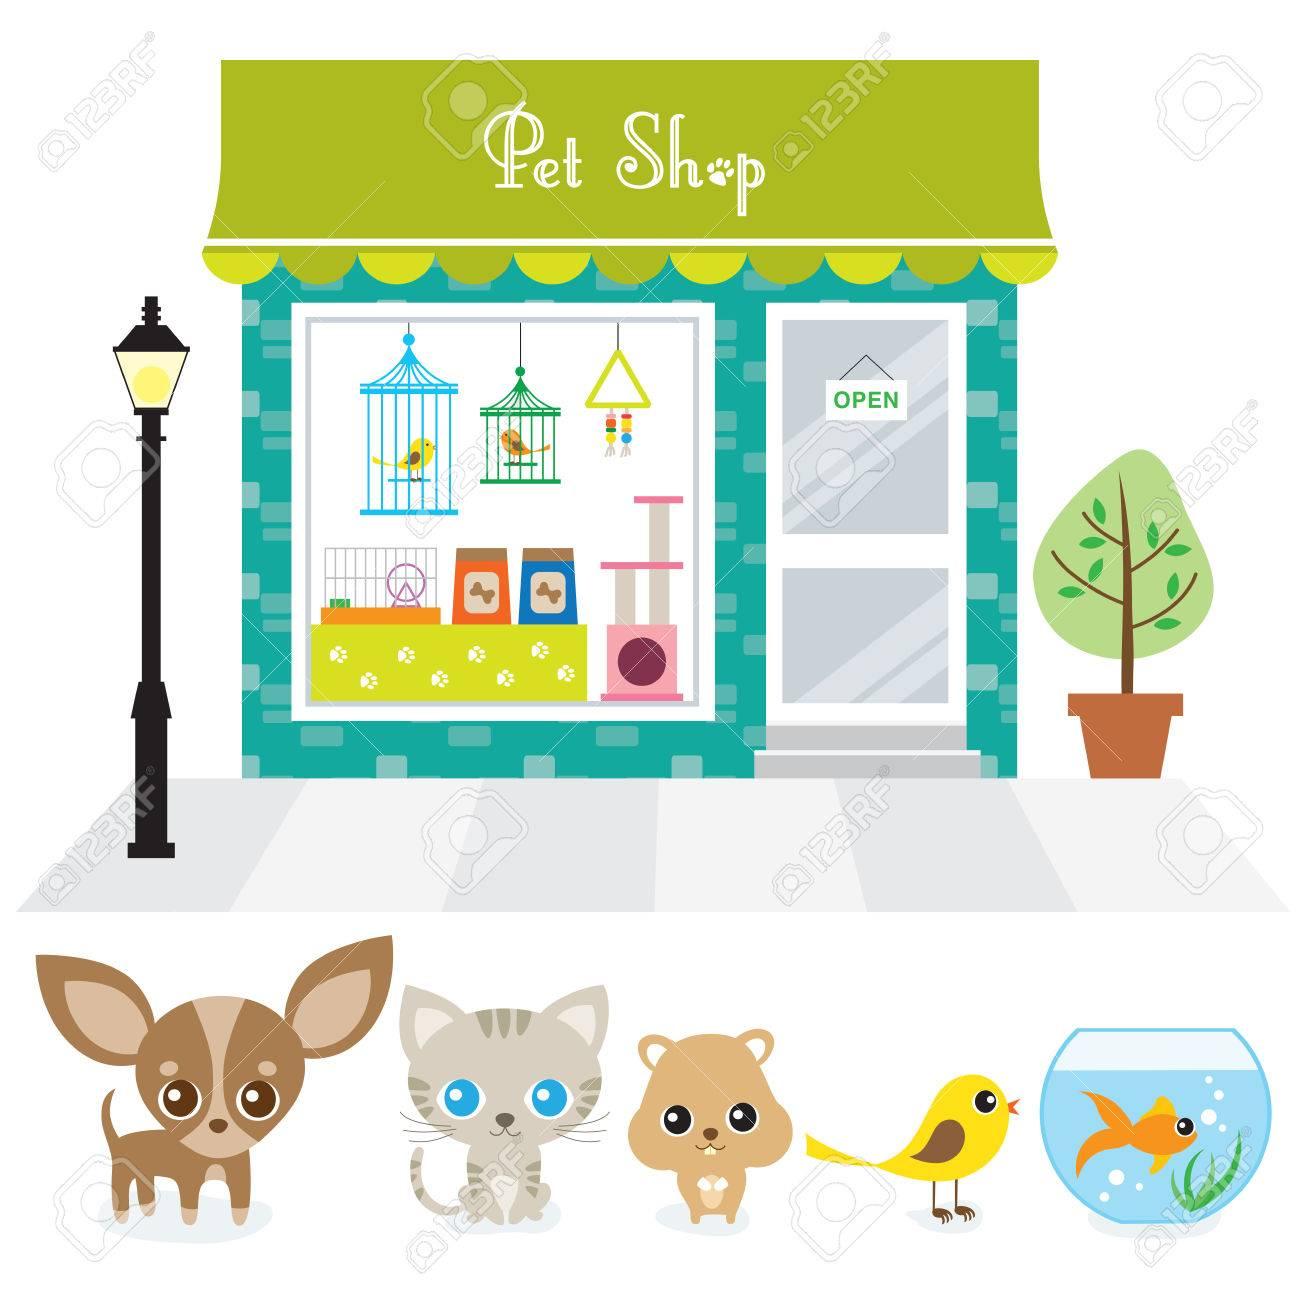 犬猫ハムスター鳥および金の魚とペット ショップのベクトル